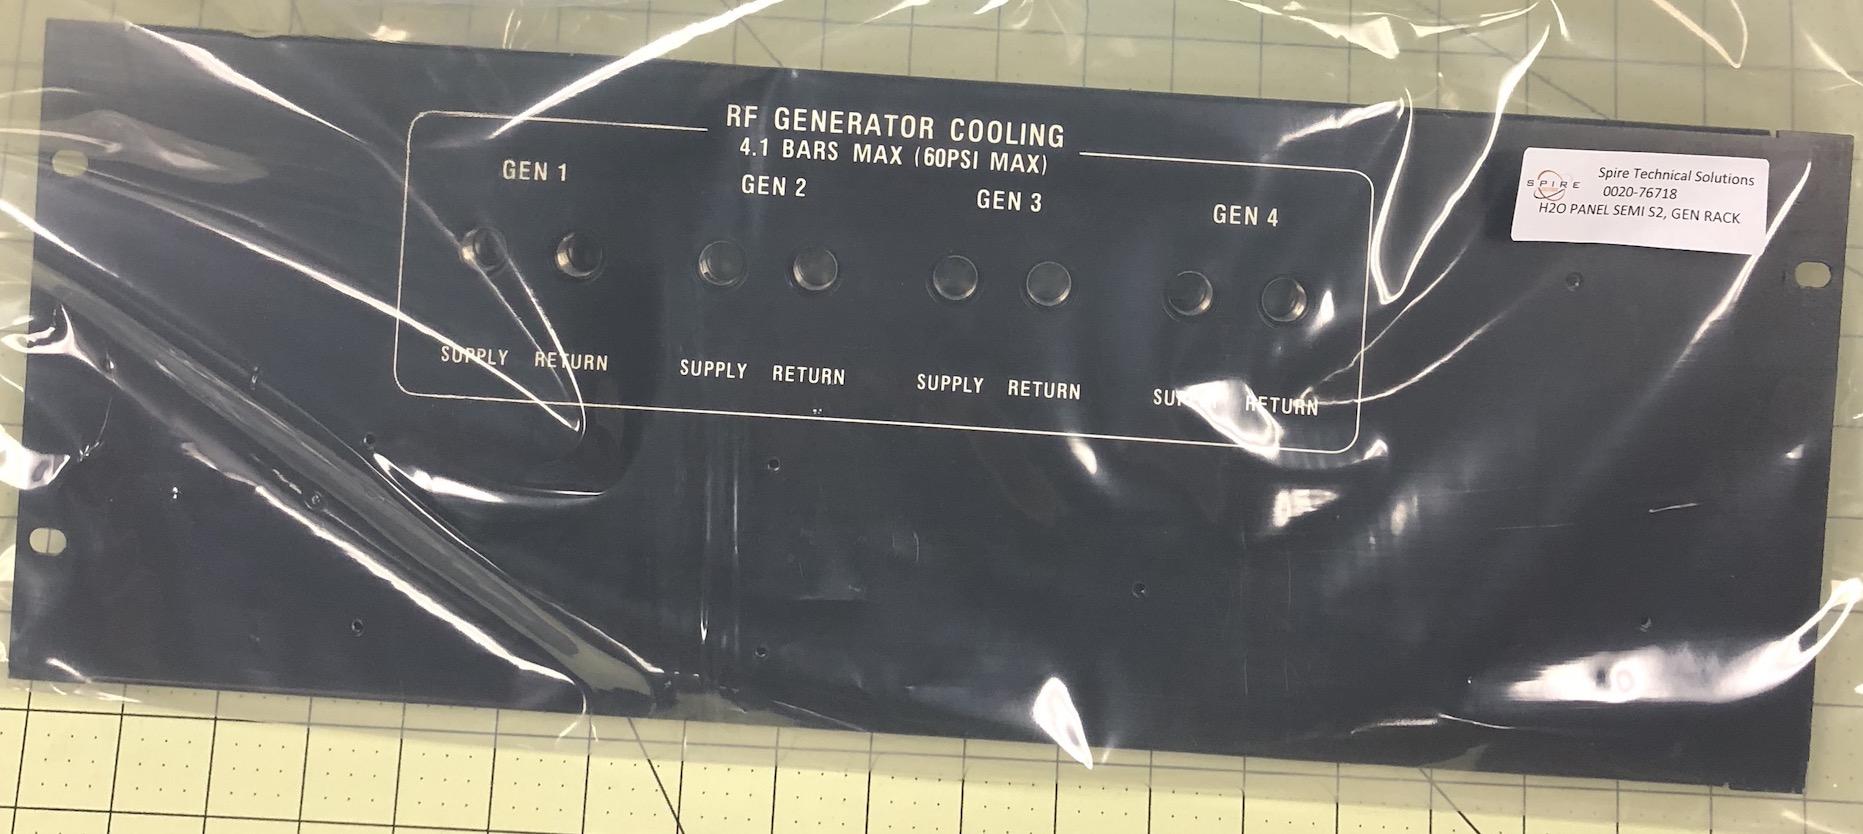 H20 Panel, Gen Rack